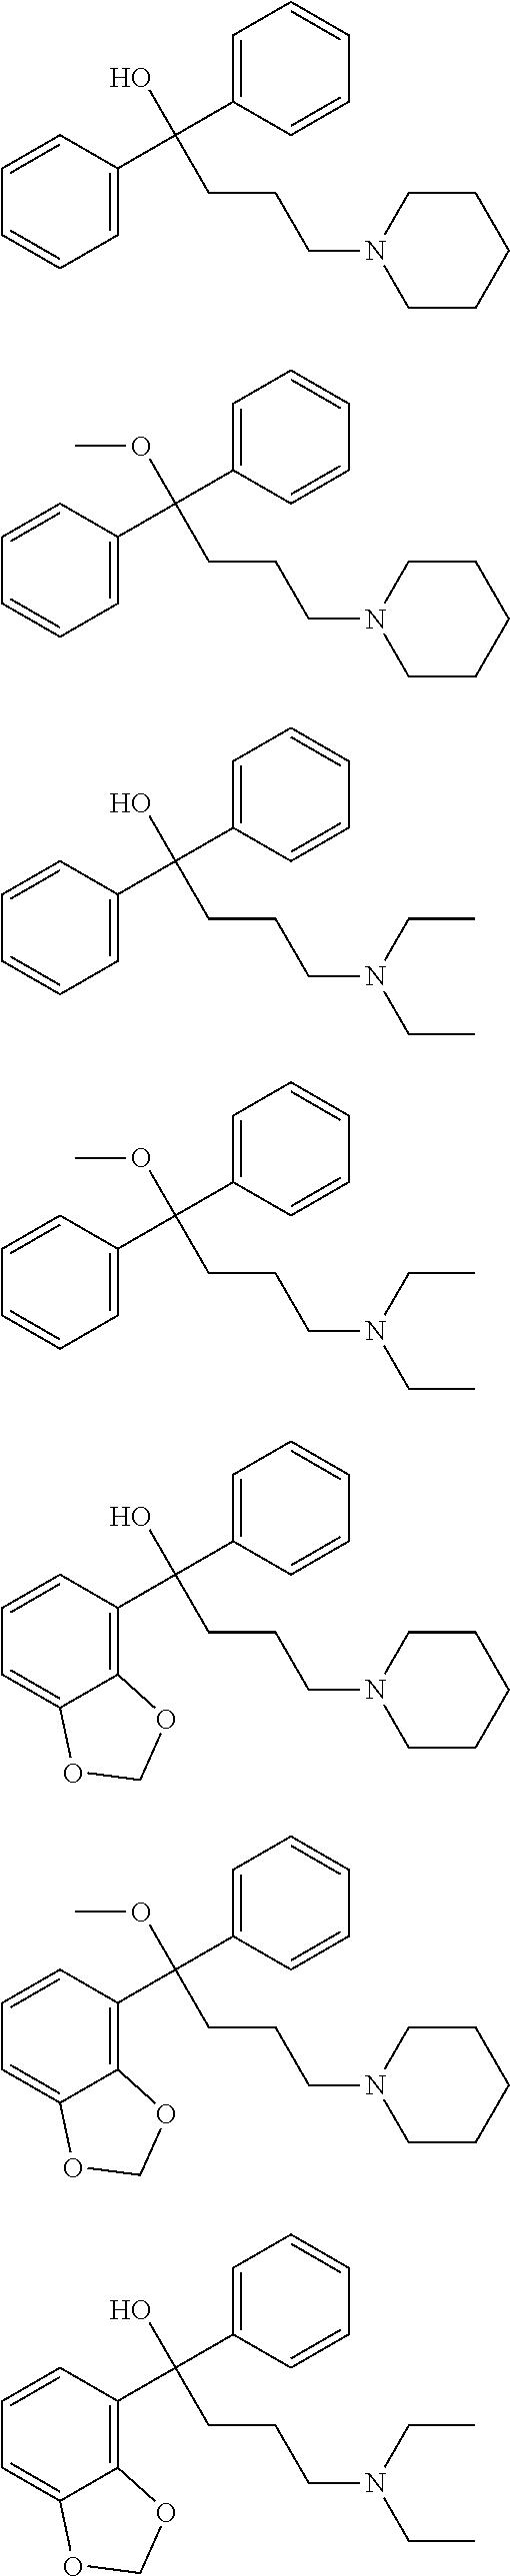 Figure US09962344-20180508-C00103